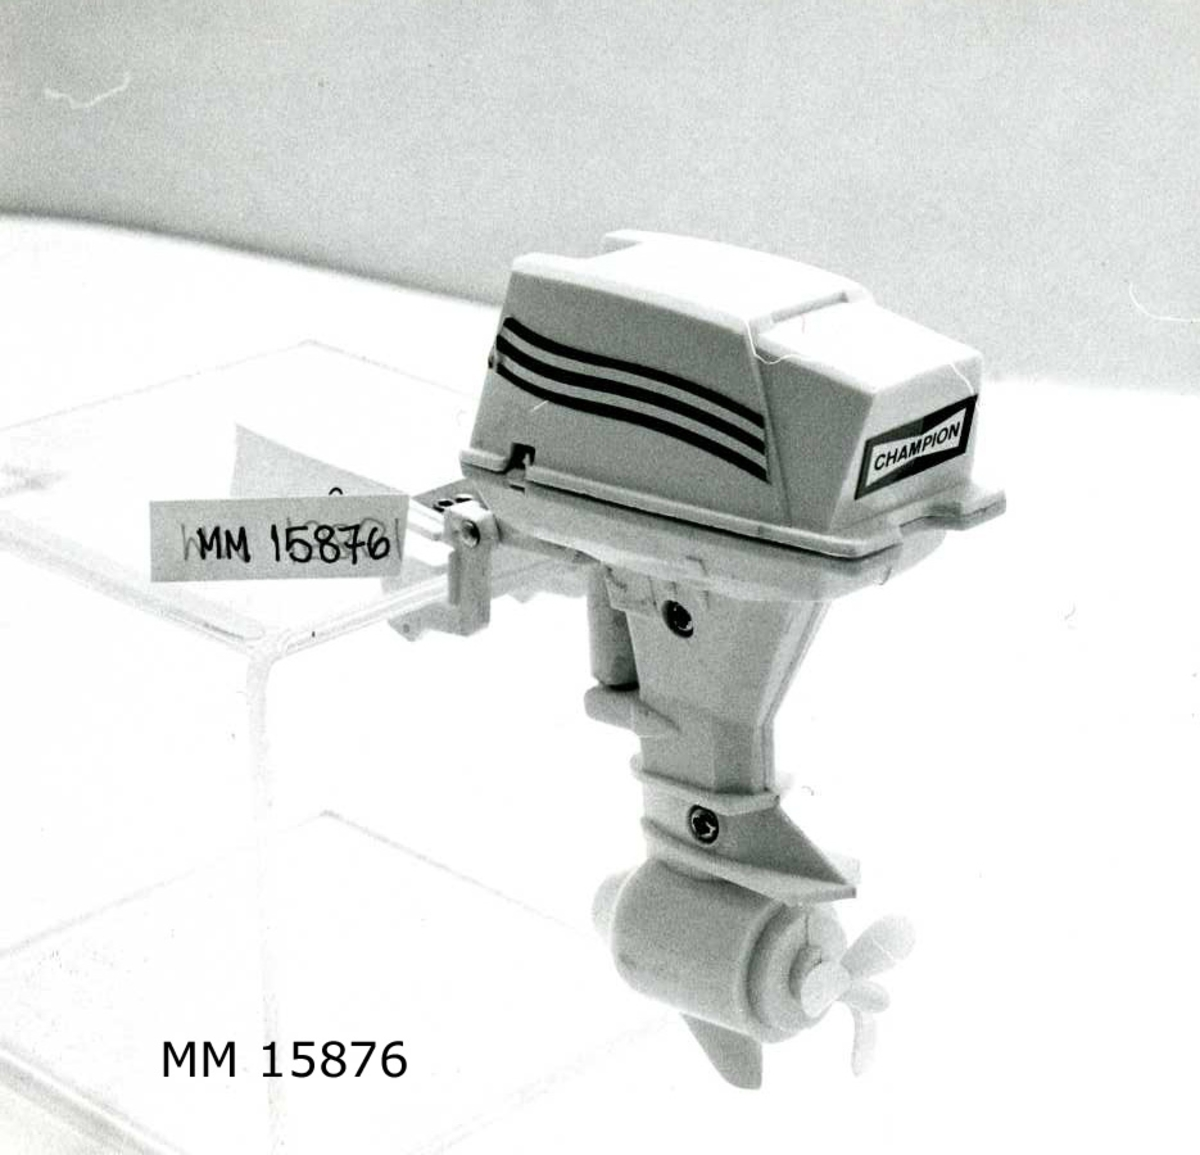 """Modell av utombordsmotor i vit plast. På motorn övre del röd-vita fartlinjer på två sidor, samt en skylt med texten """"Champion"""". Motorns övre del som är löstagbar utgör batterifästet för 3 st stavbatterier. Själva el-motorn sitter inkapslad vid propellern. Motorns fästanordning som består av en u-formad plastbit med skruv kan föras upp och ner samt i sidled."""